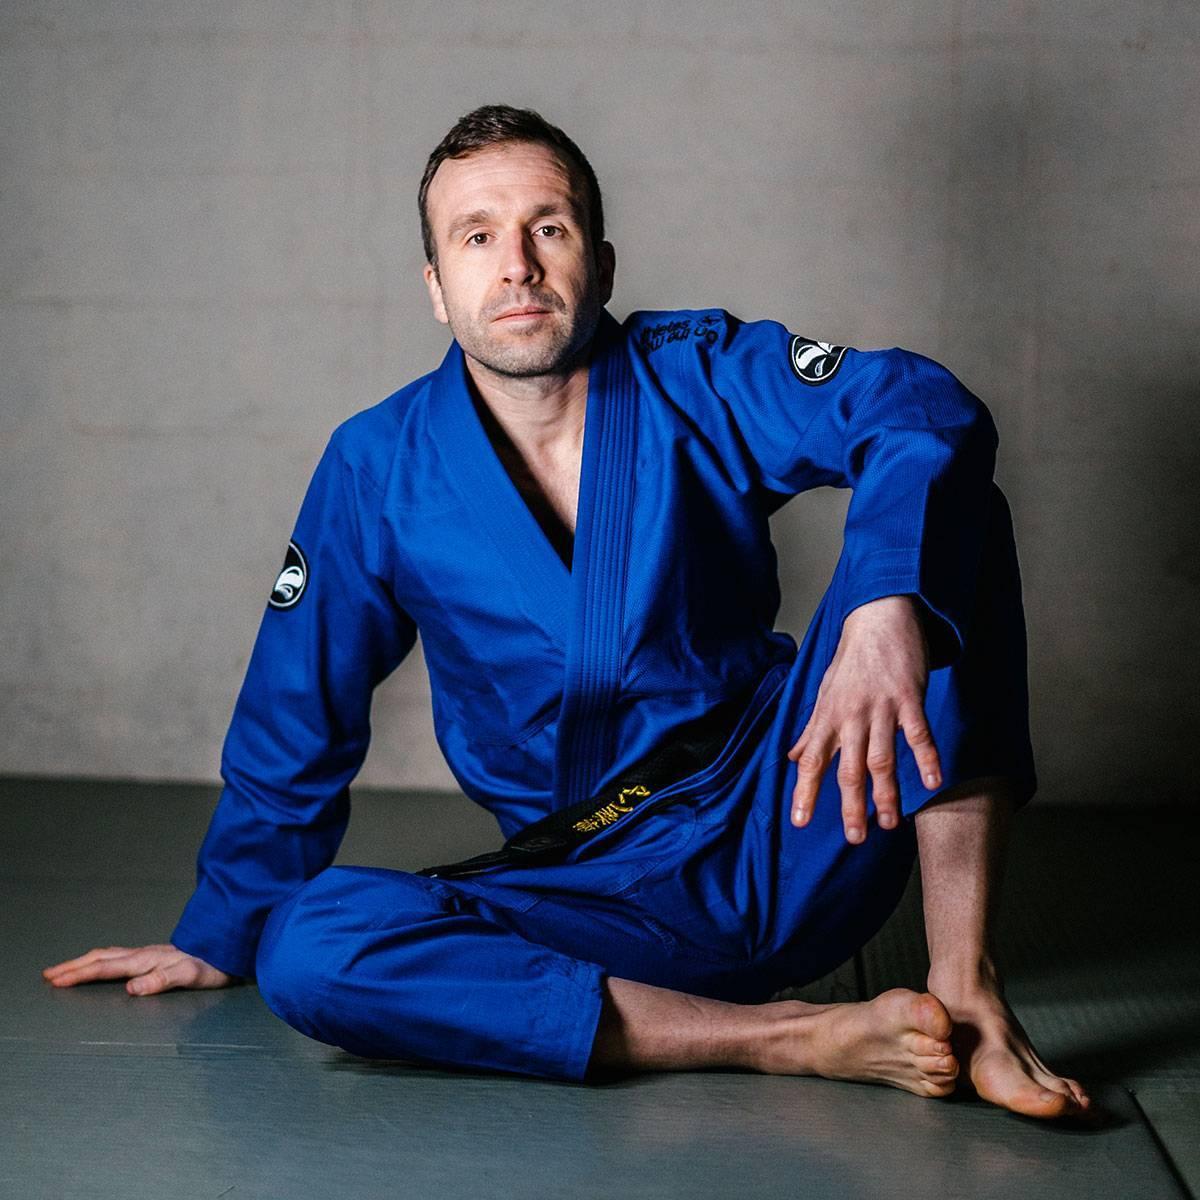 Apprendre le jujitsu chez soi est possible avec un prof particulier